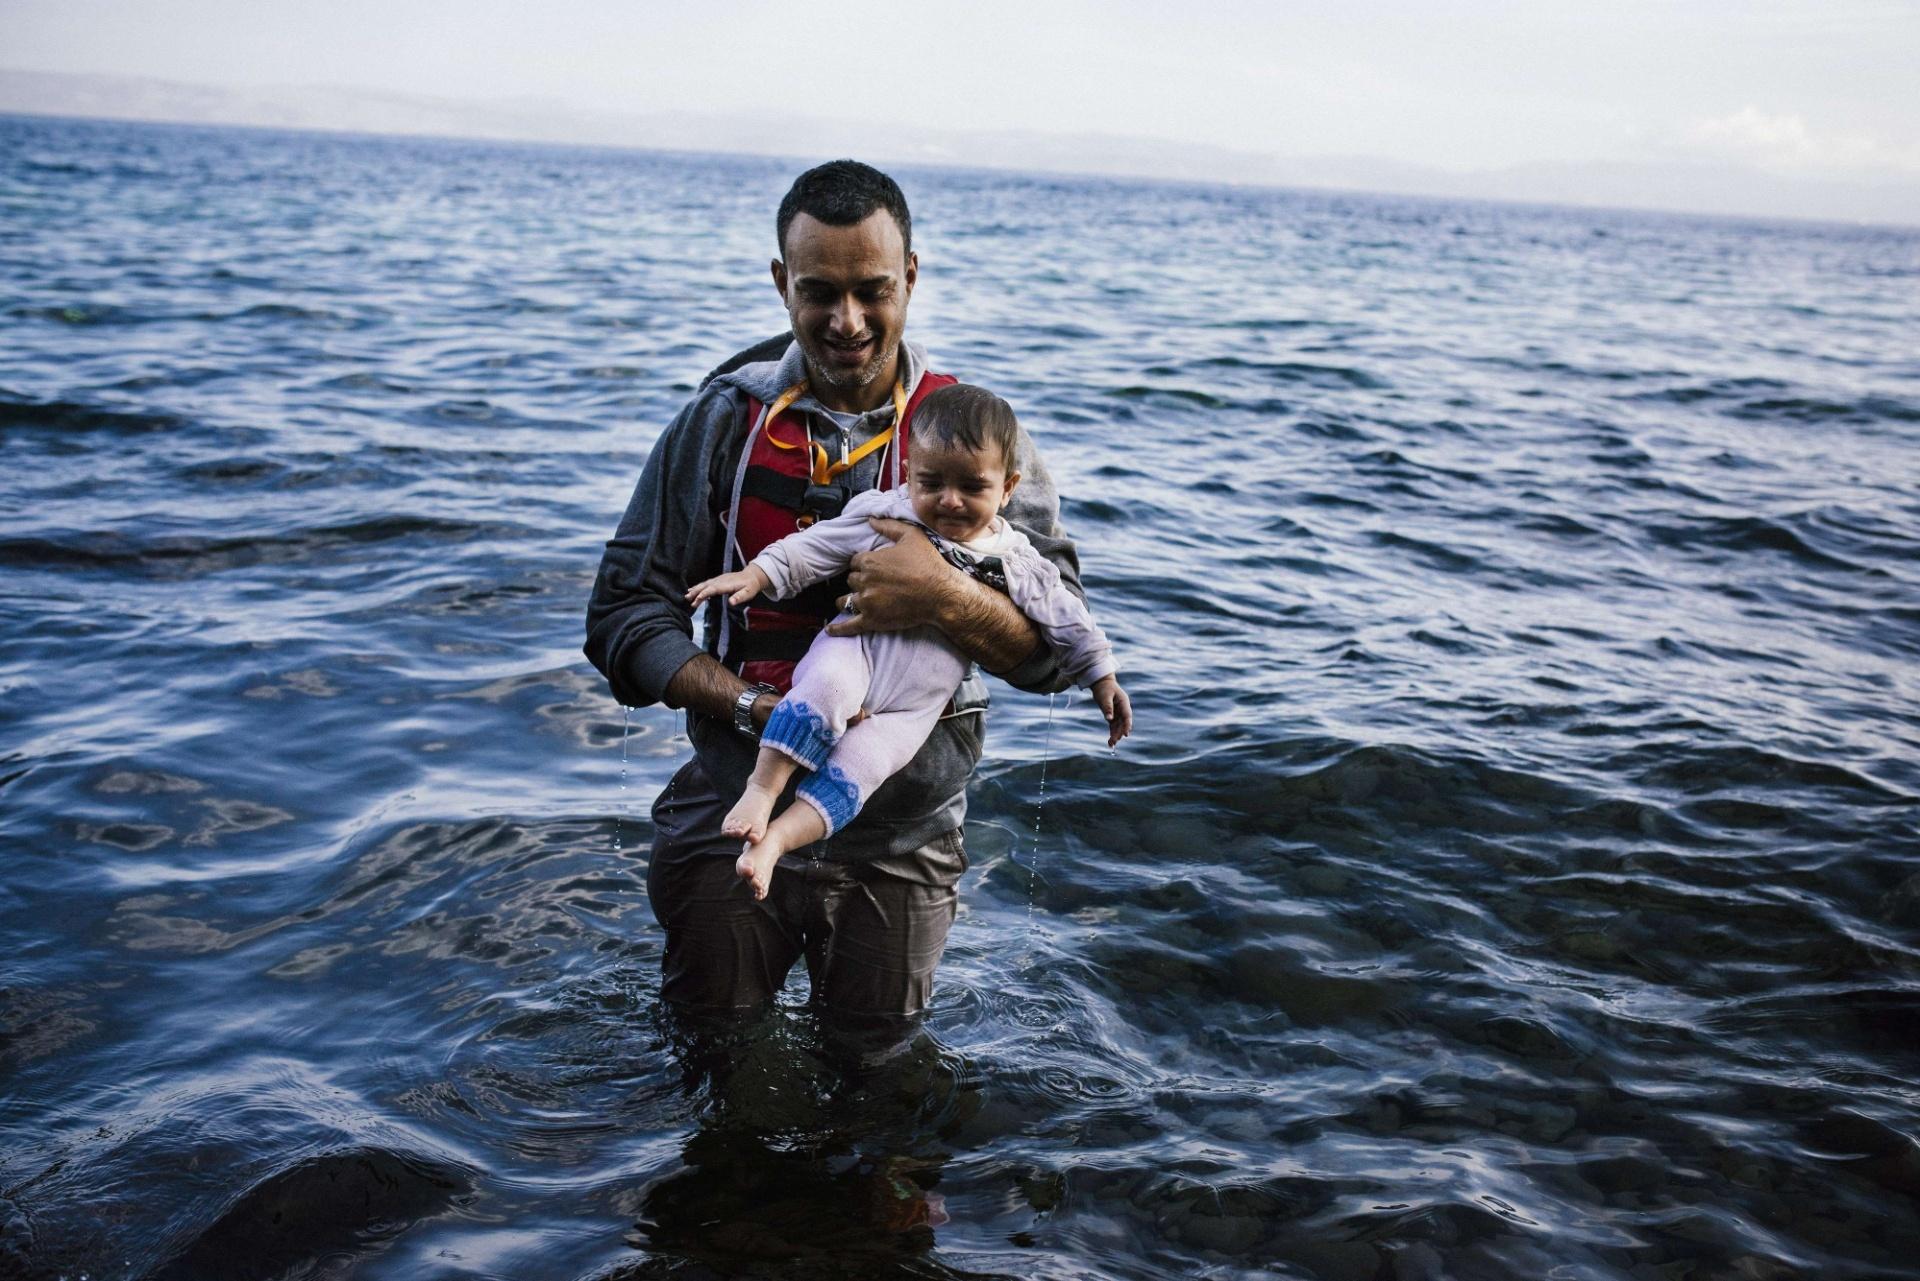 12.out.2015 - Um homem leva seu filho logo após chegar, com outros refugiados e migrantes, à ilha grega de Lesbos, depois de atravessar o mar Egeu a partir da Turquia. A Grécia foi atingida por uma nova onda de imigrantes após a ONU aprovar em 9 de outubro uma operação militar europeia para combater o tráfico de pessoas na região do Mediterrâneo